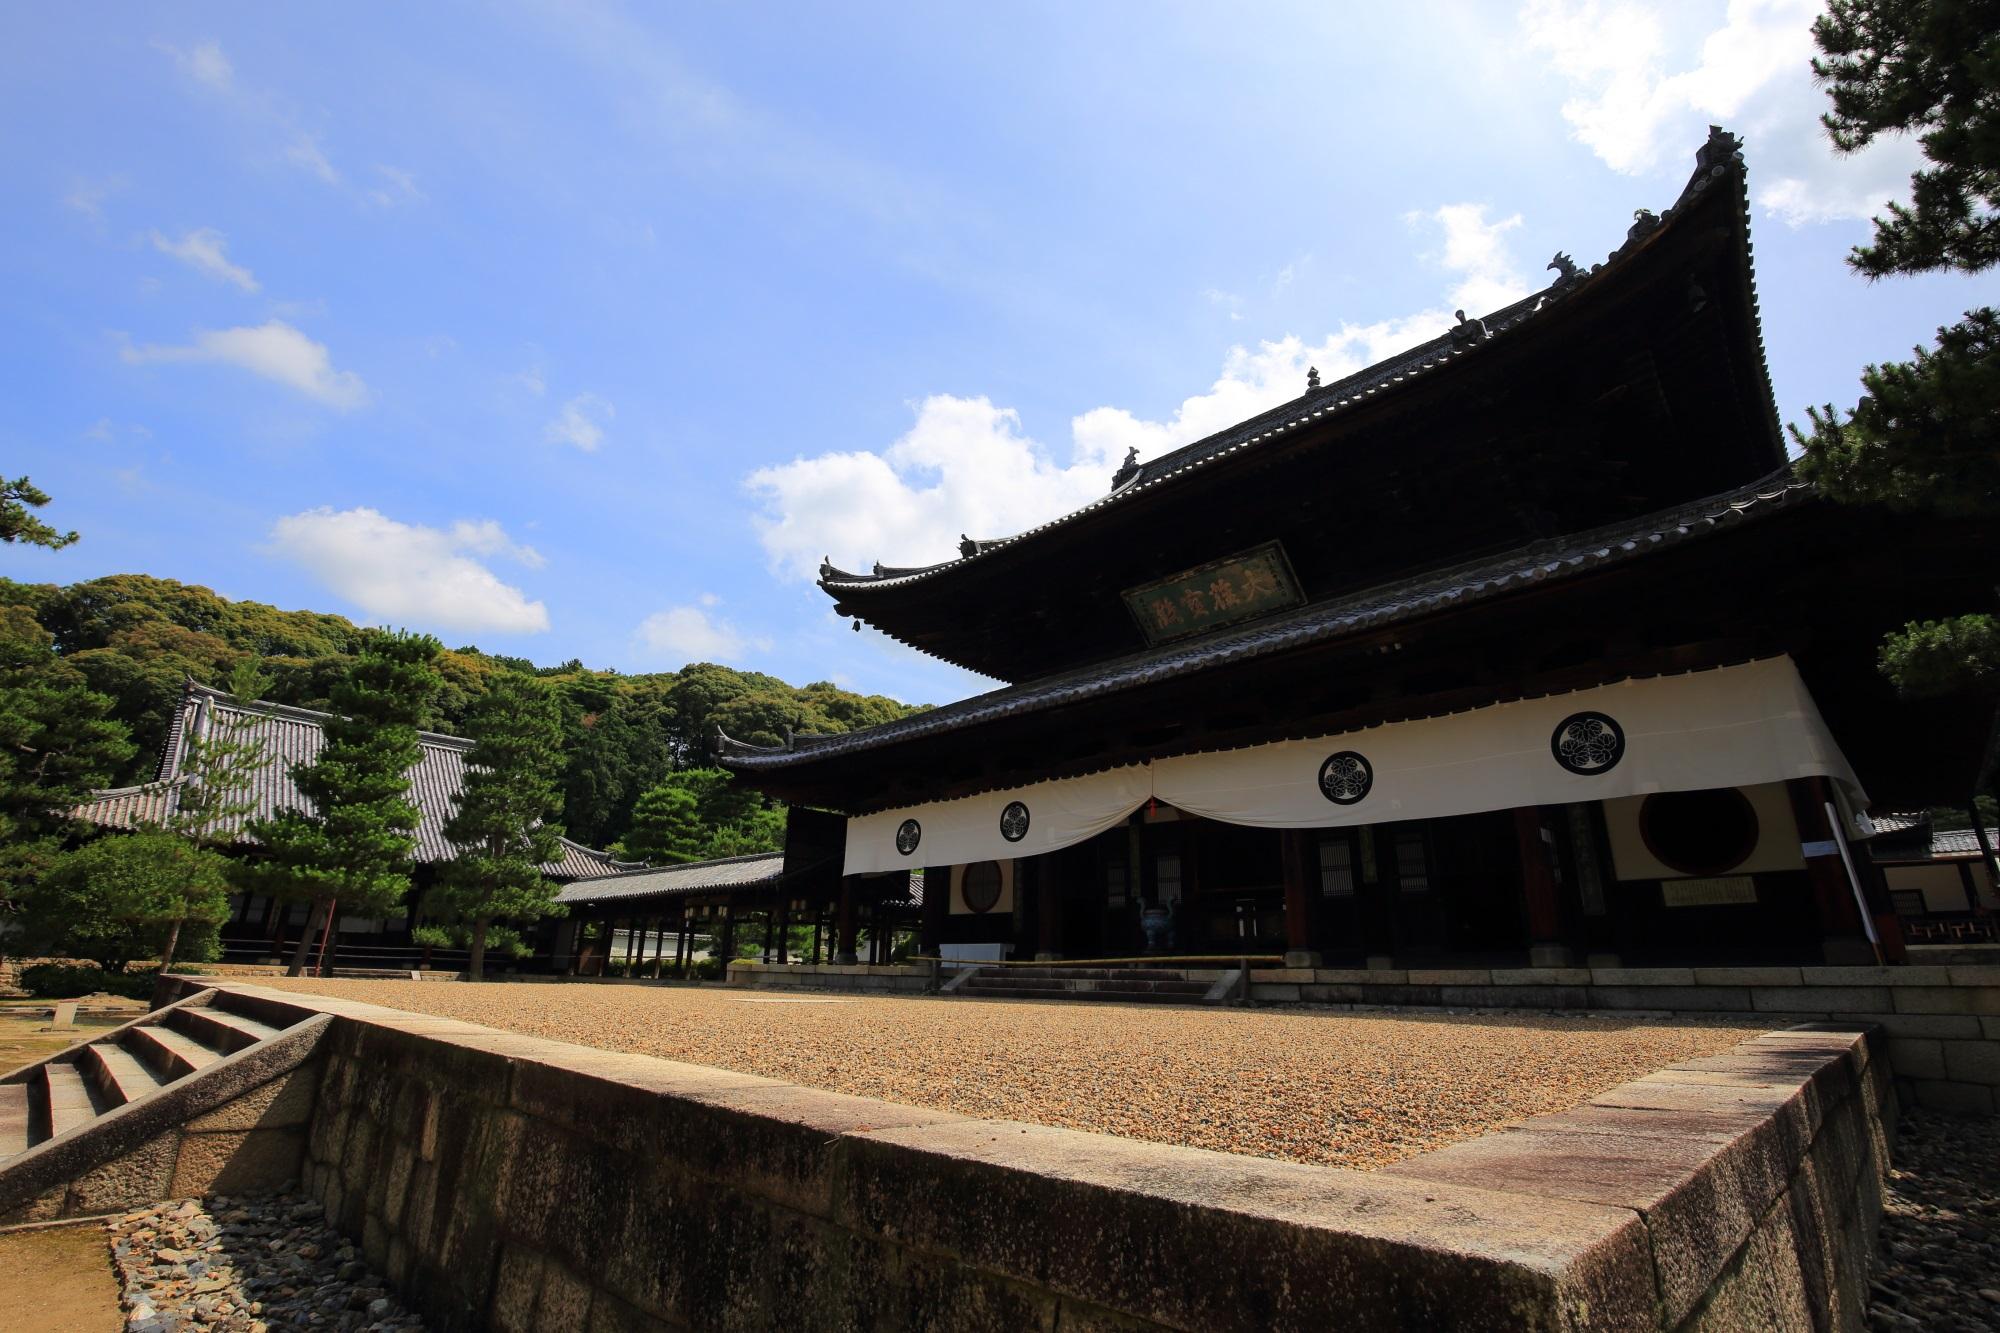 萬福寺の大雄宝殿前の高くなった砂庭